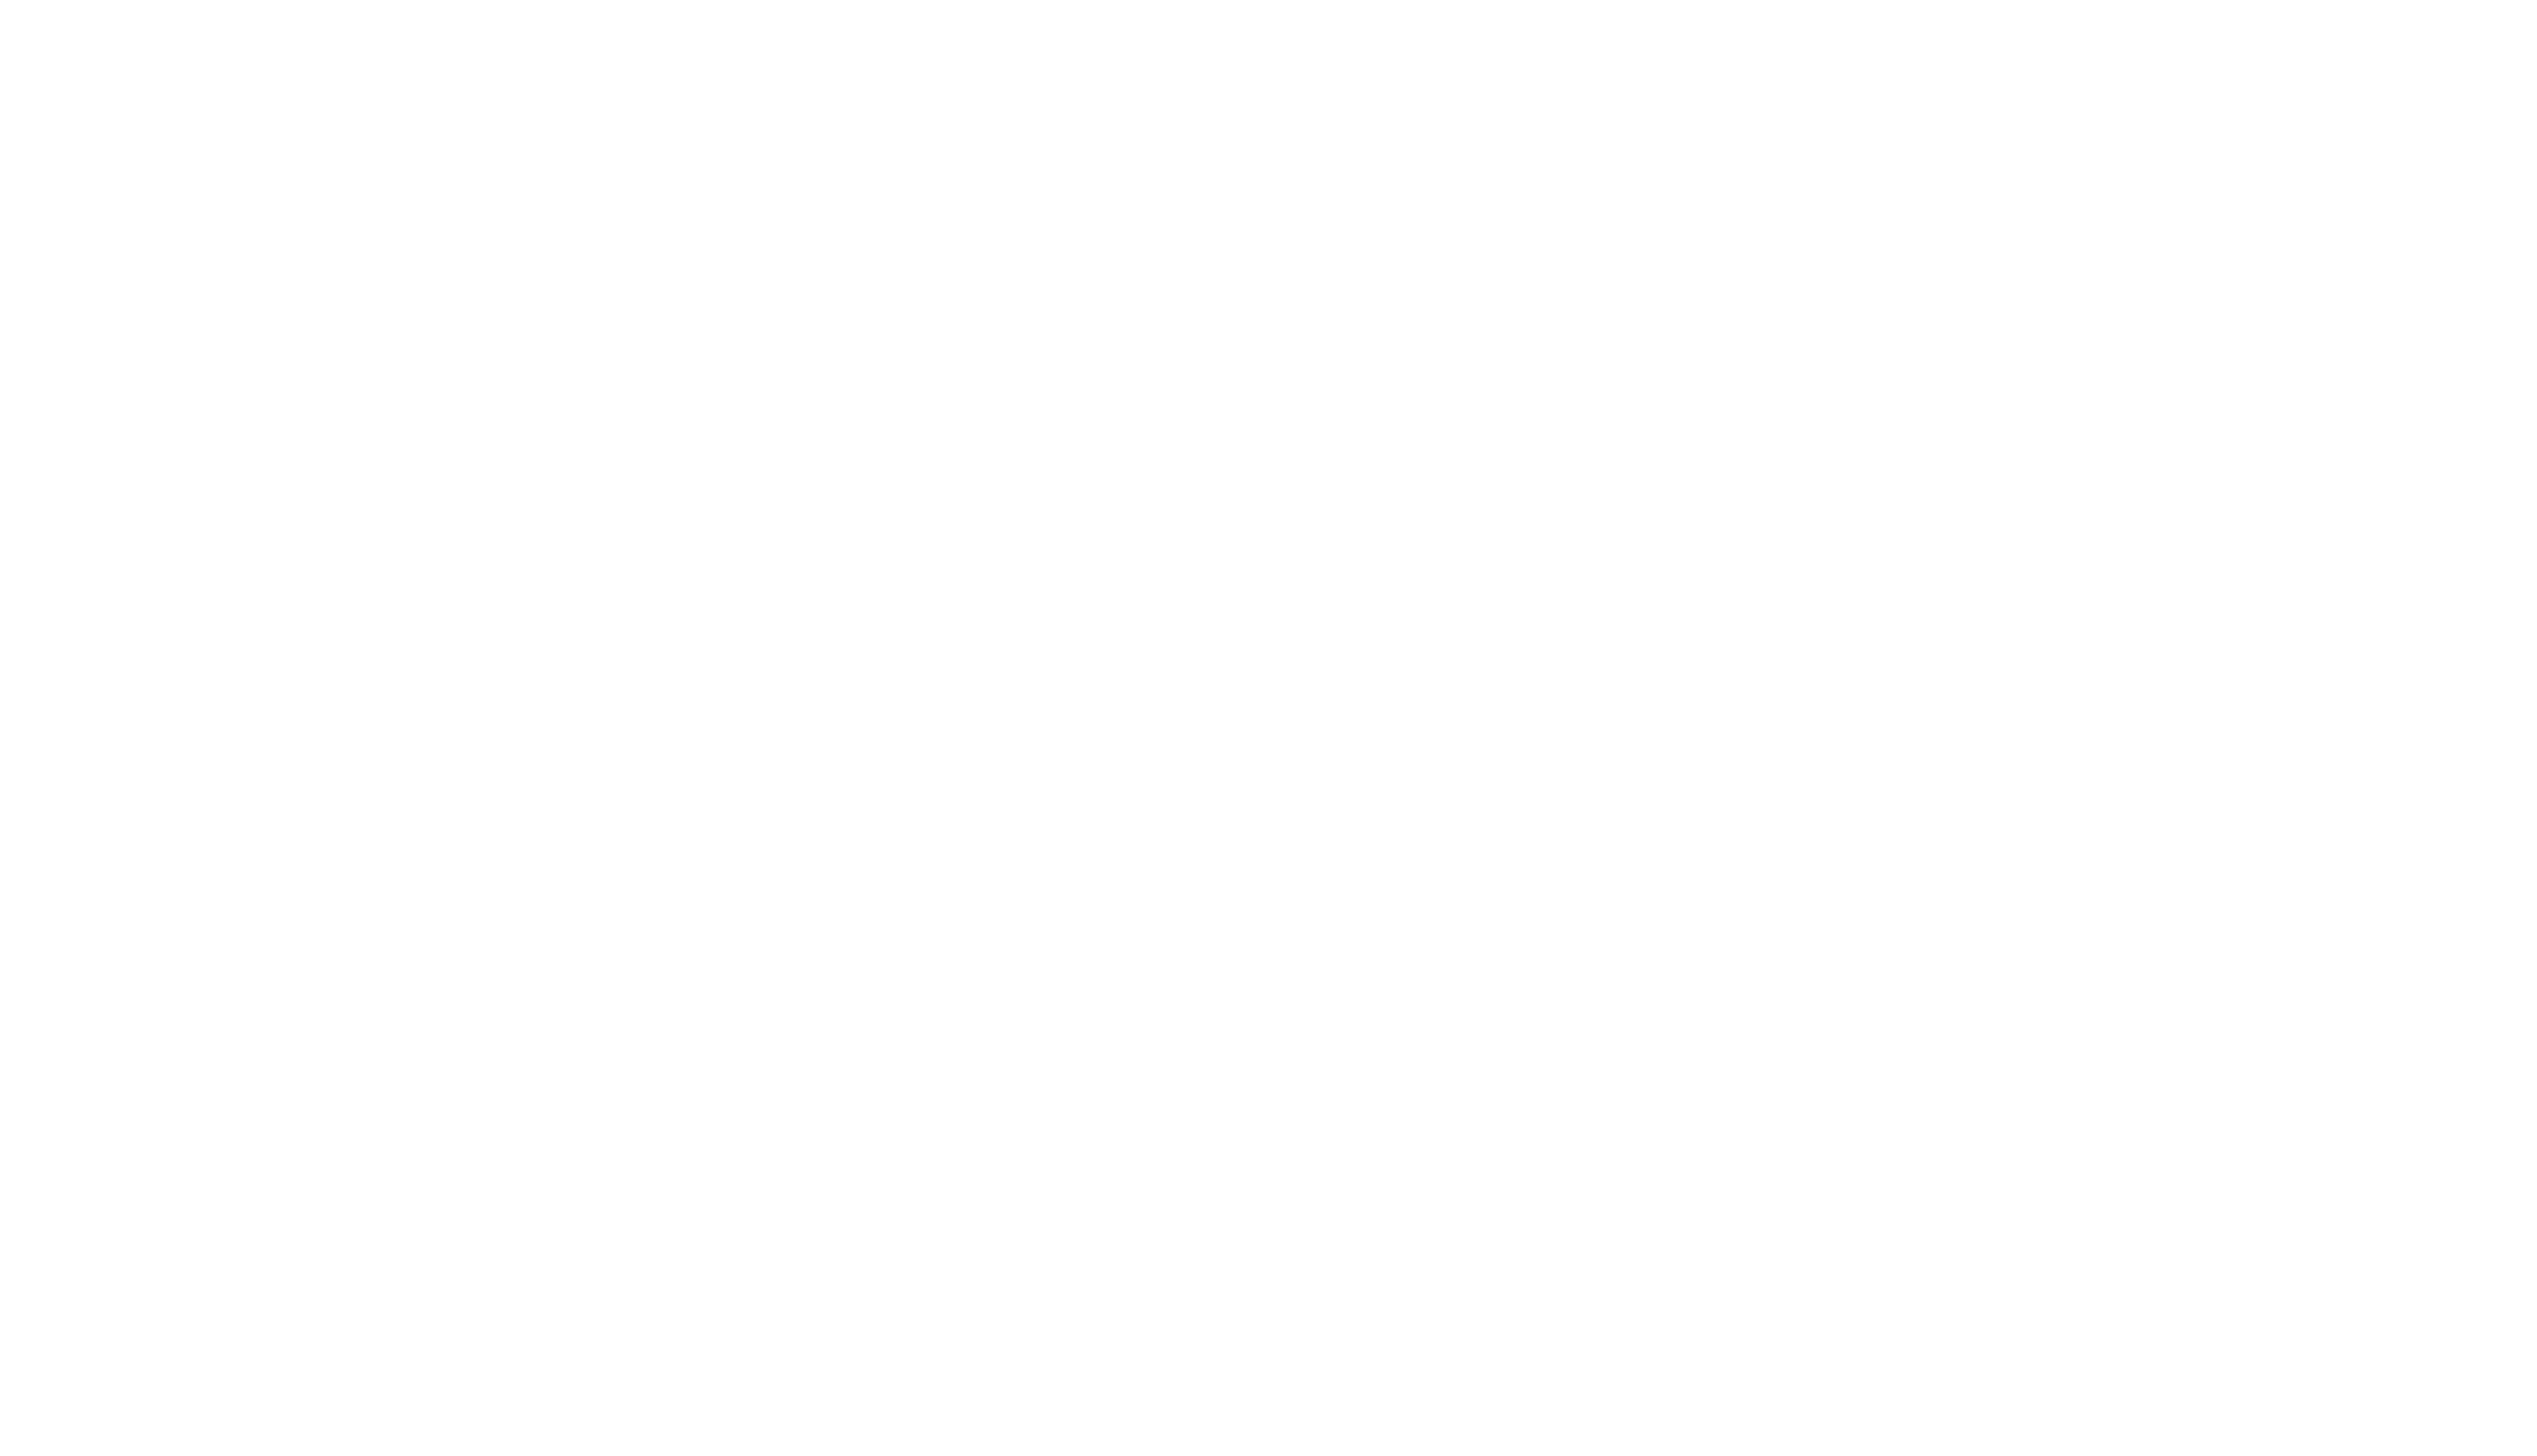 KAD logo white